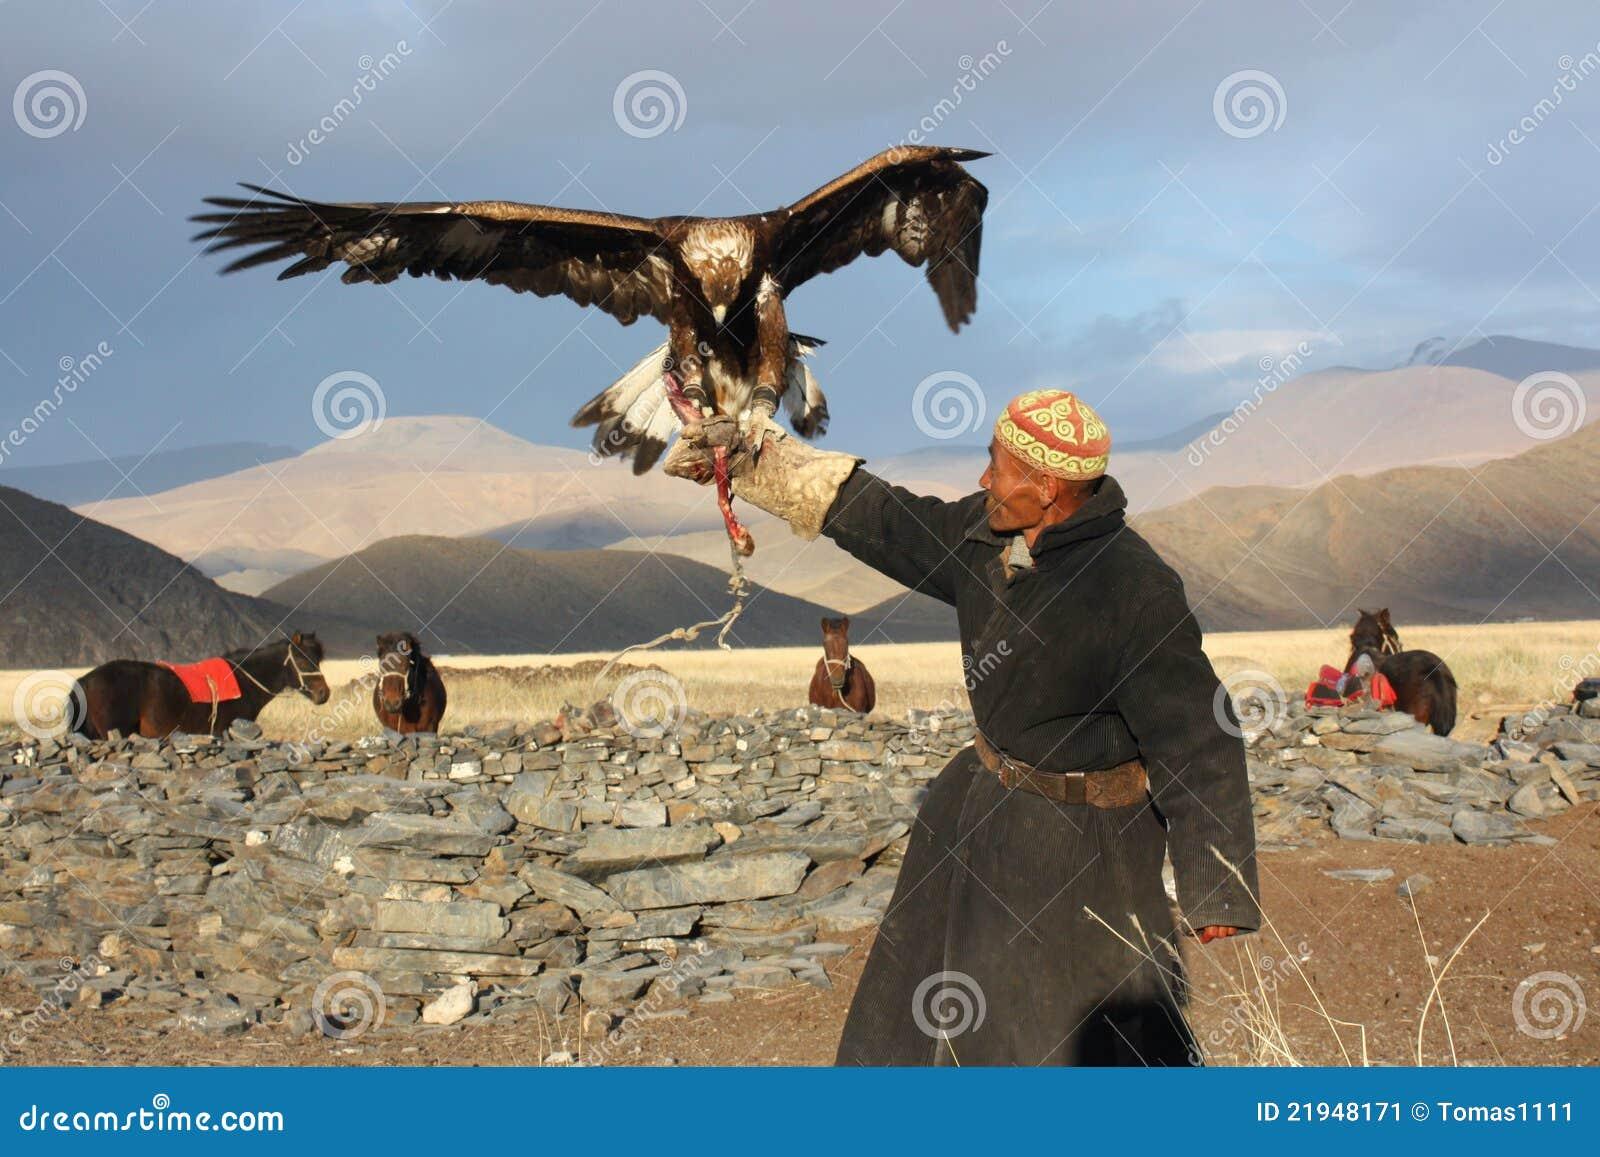 Eaglehunter in mongolia